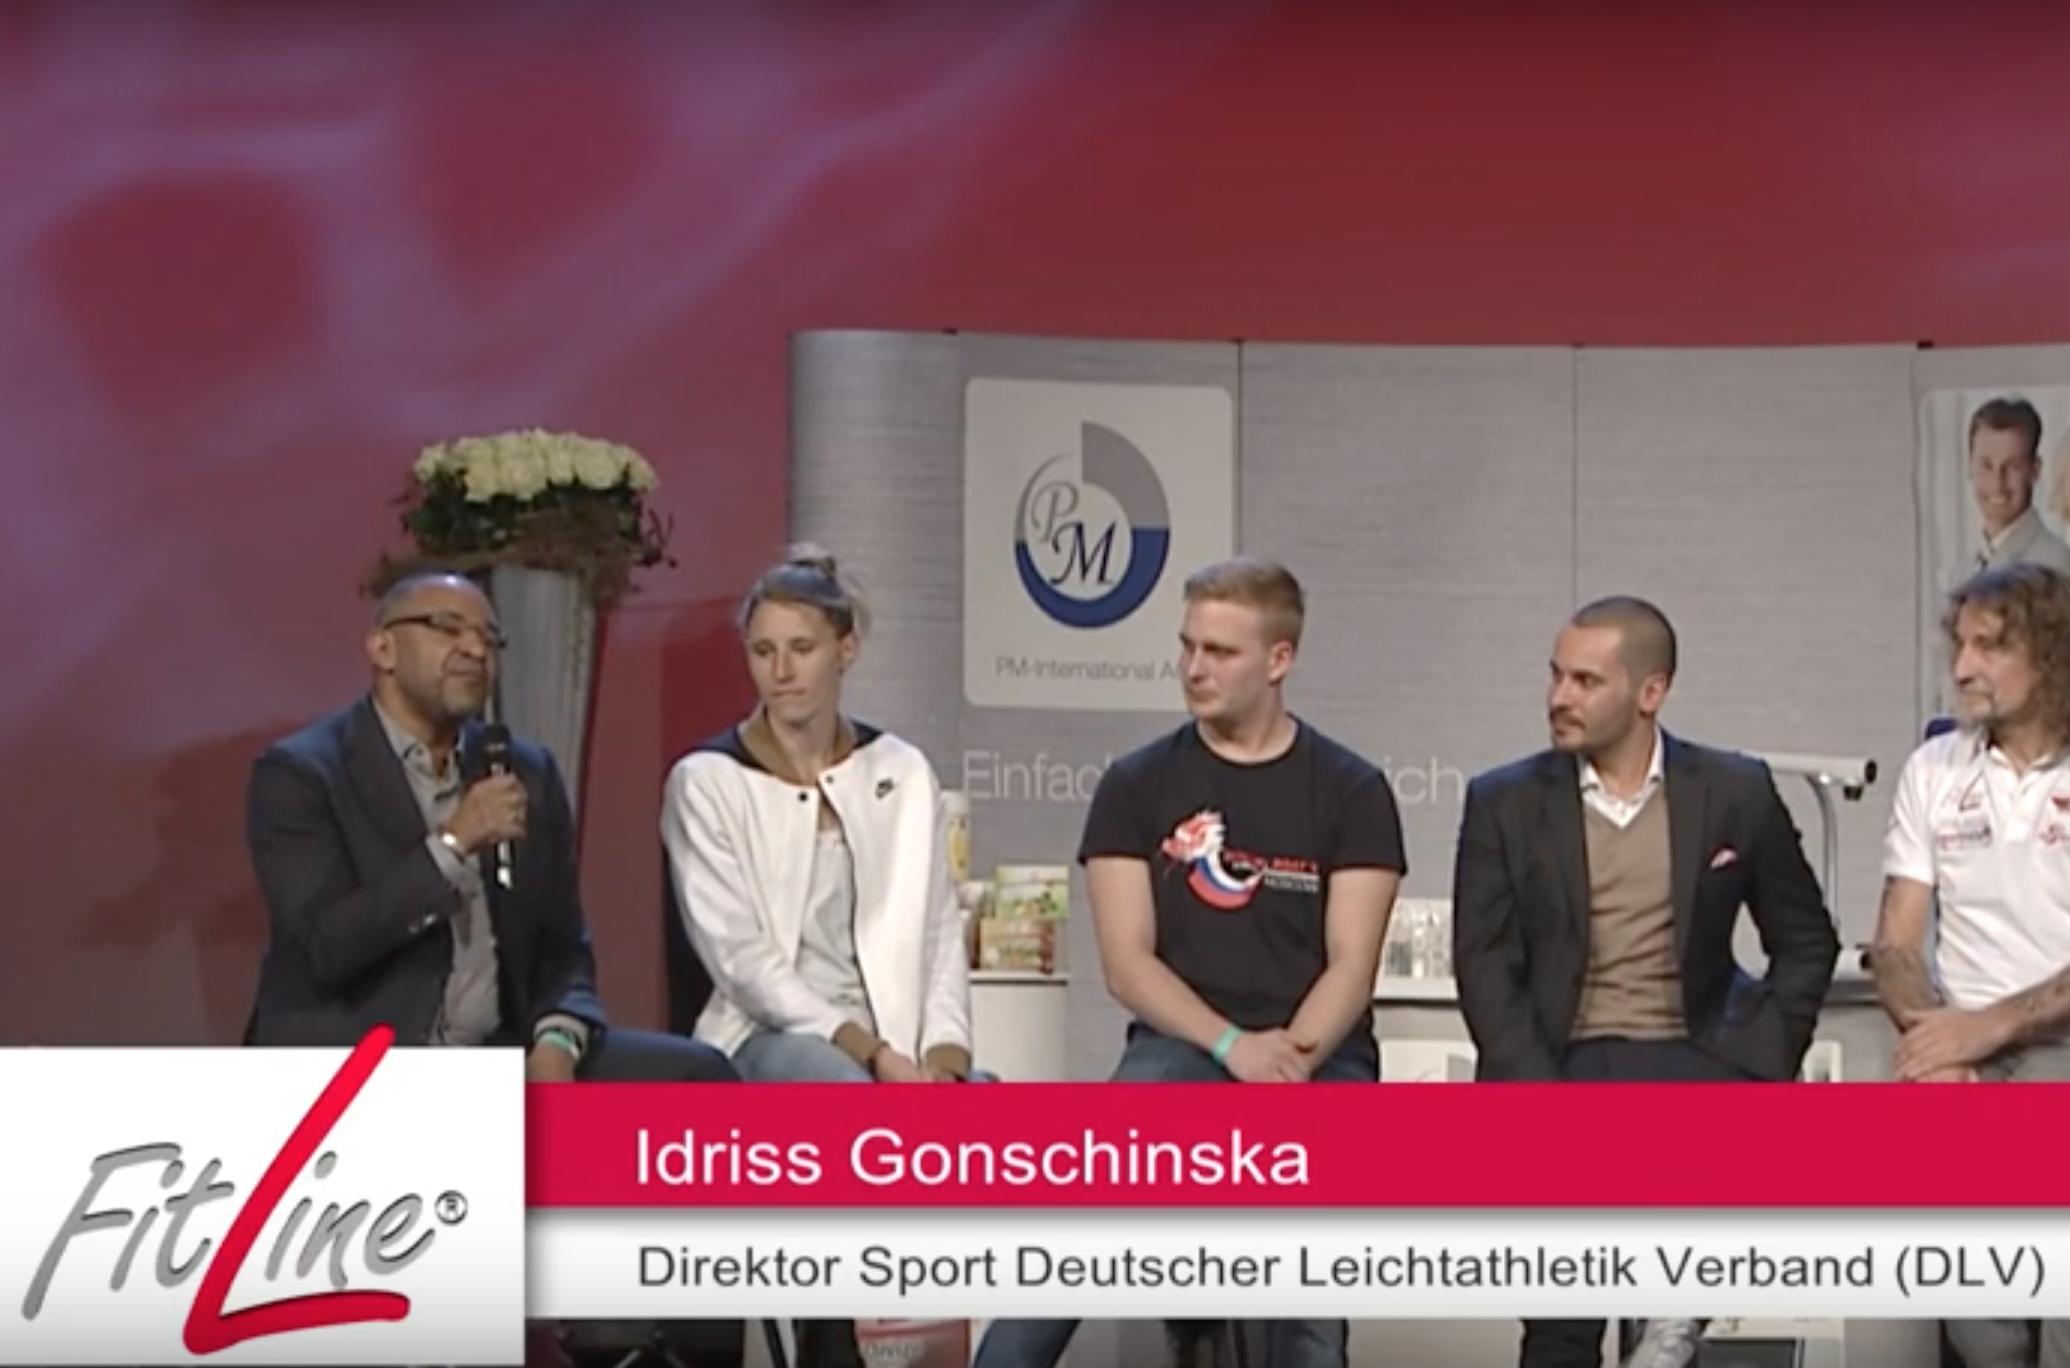 Indriss Gonschinska Sport DLV